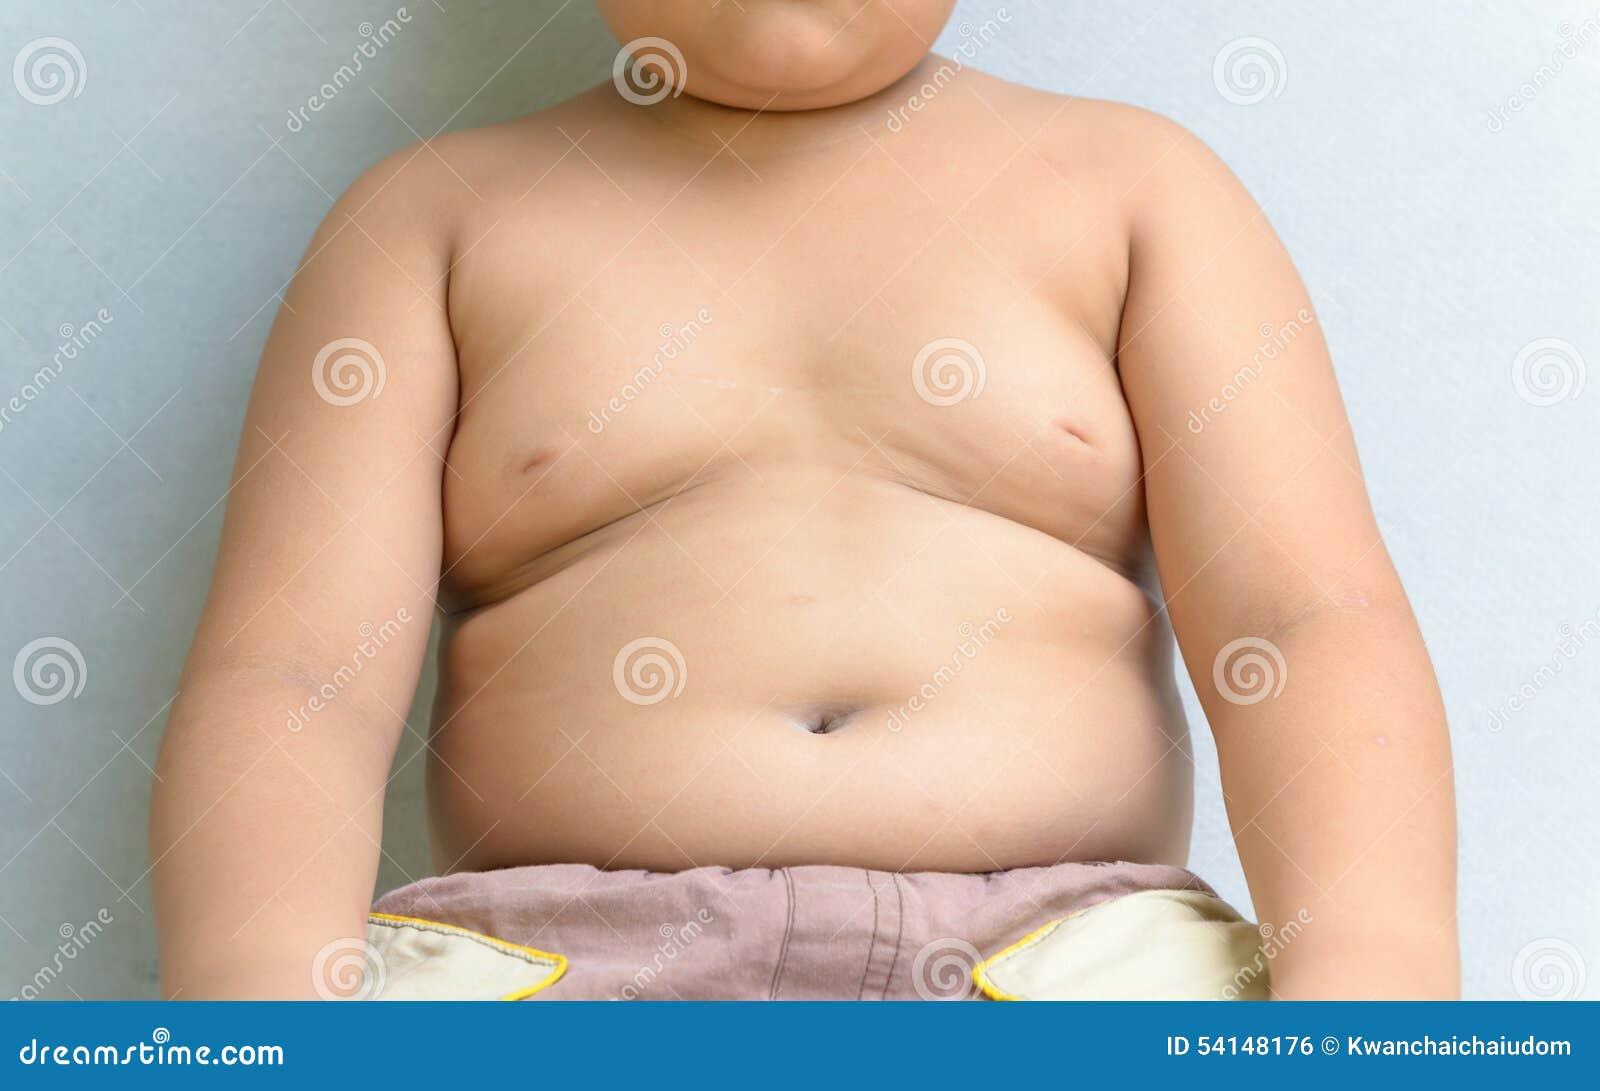 Ожирение у детей: причины, таблица по возрасту, лечение, последствия 48